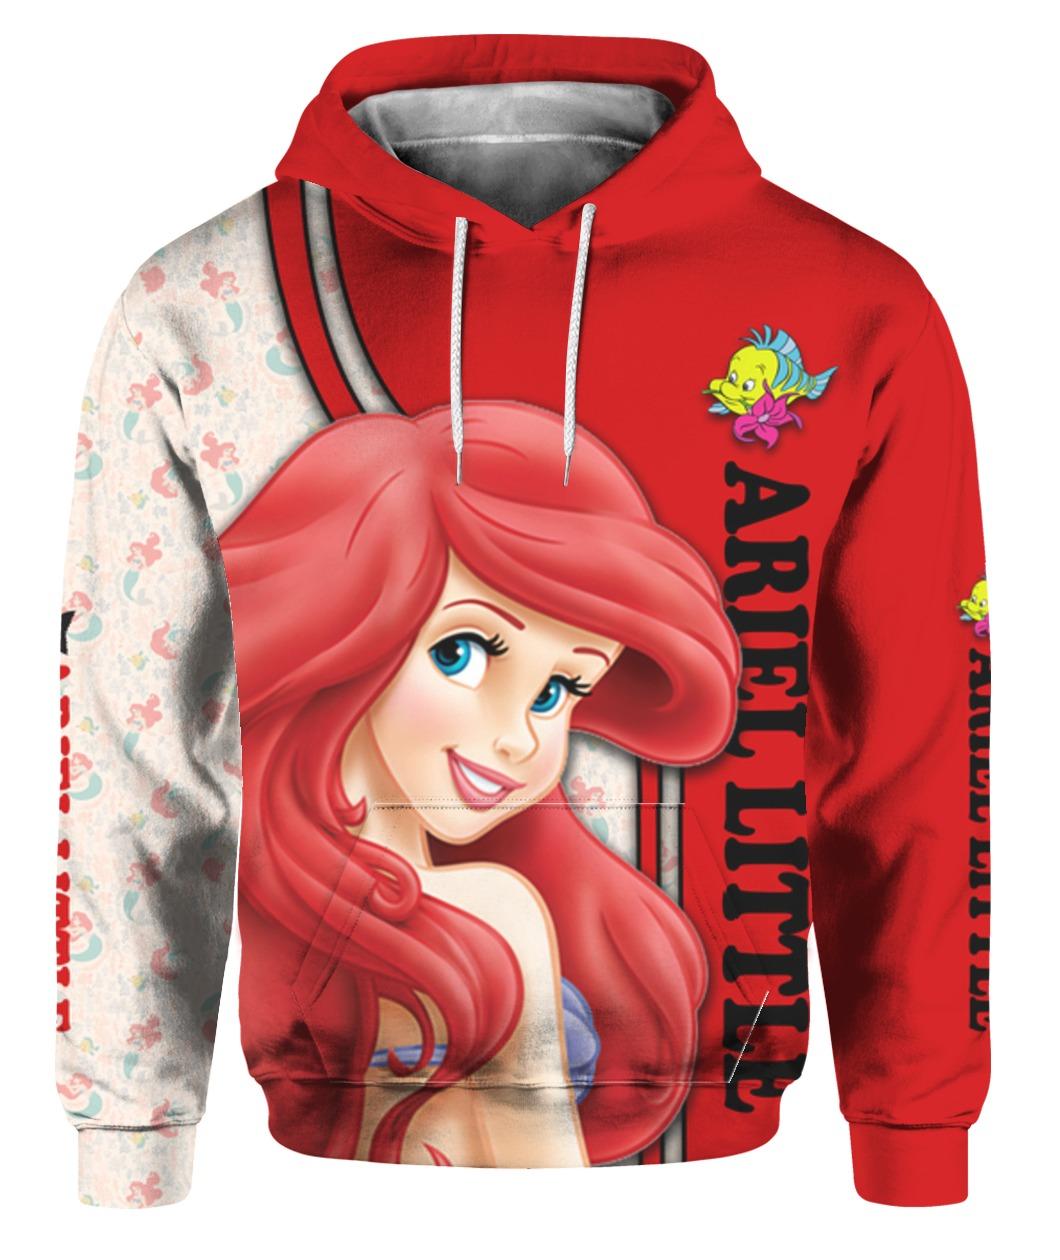 The little mermaid ariel all over printed hoodie